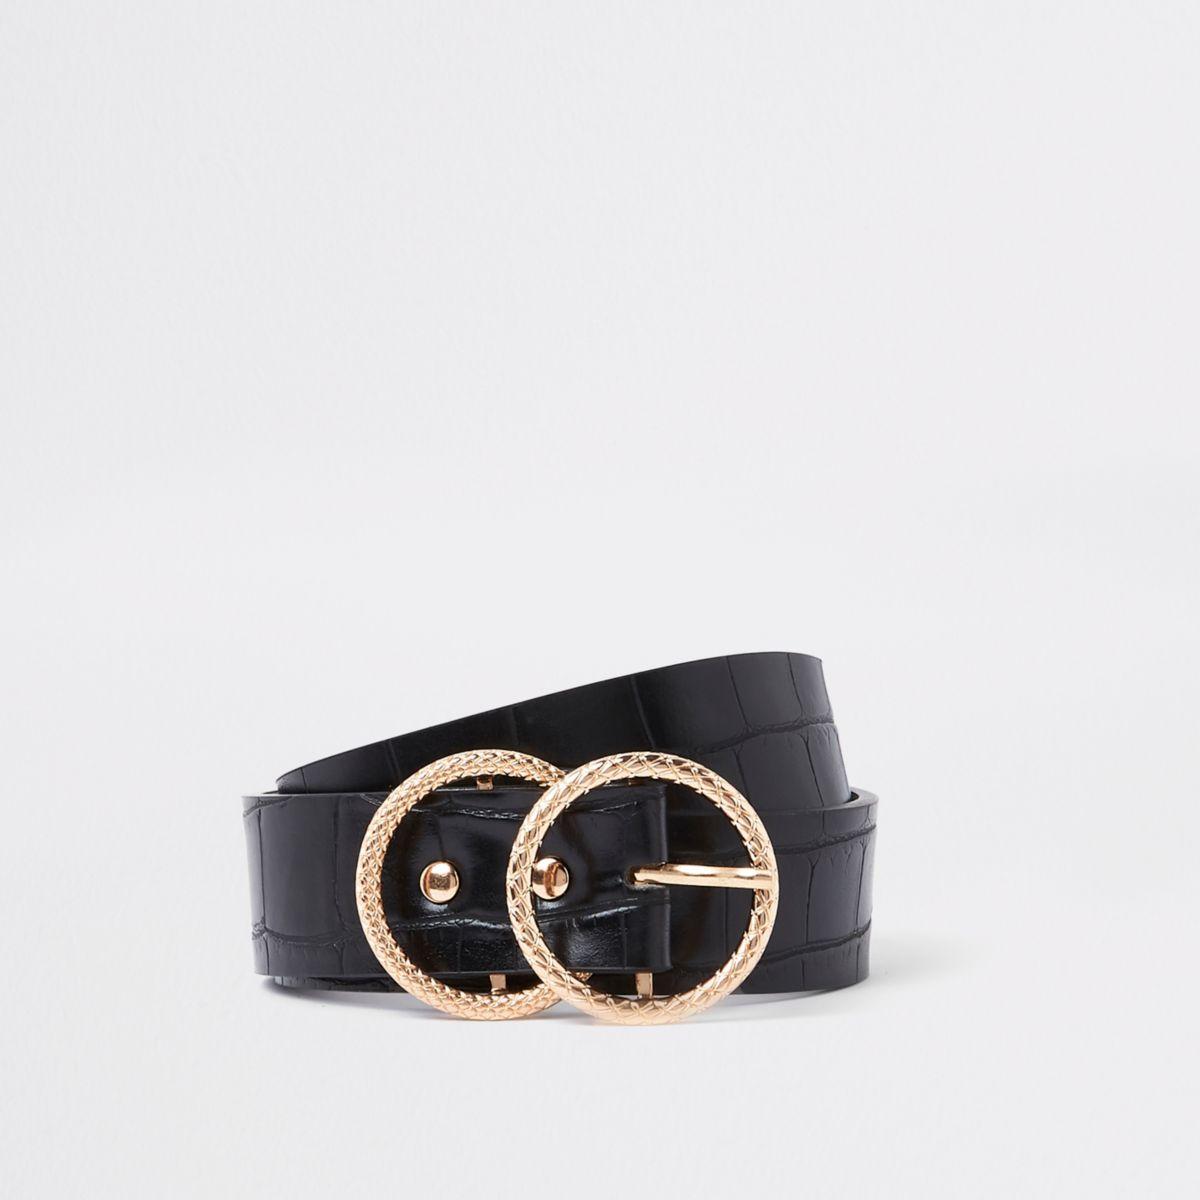 Zwarte riem met krokodillenprint en dubbele ring